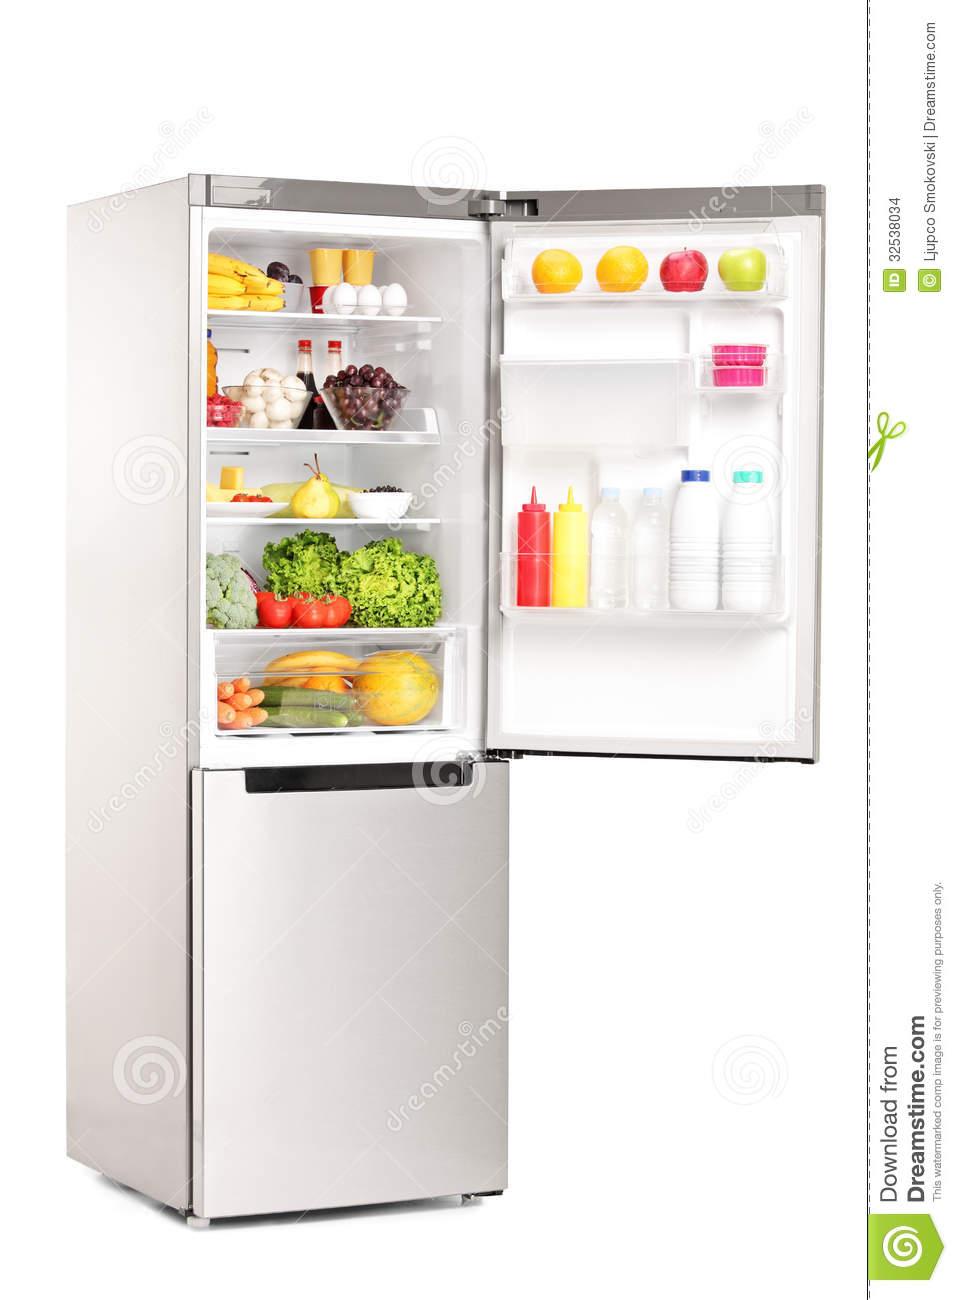 image gallery open fridge. Black Bedroom Furniture Sets. Home Design Ideas